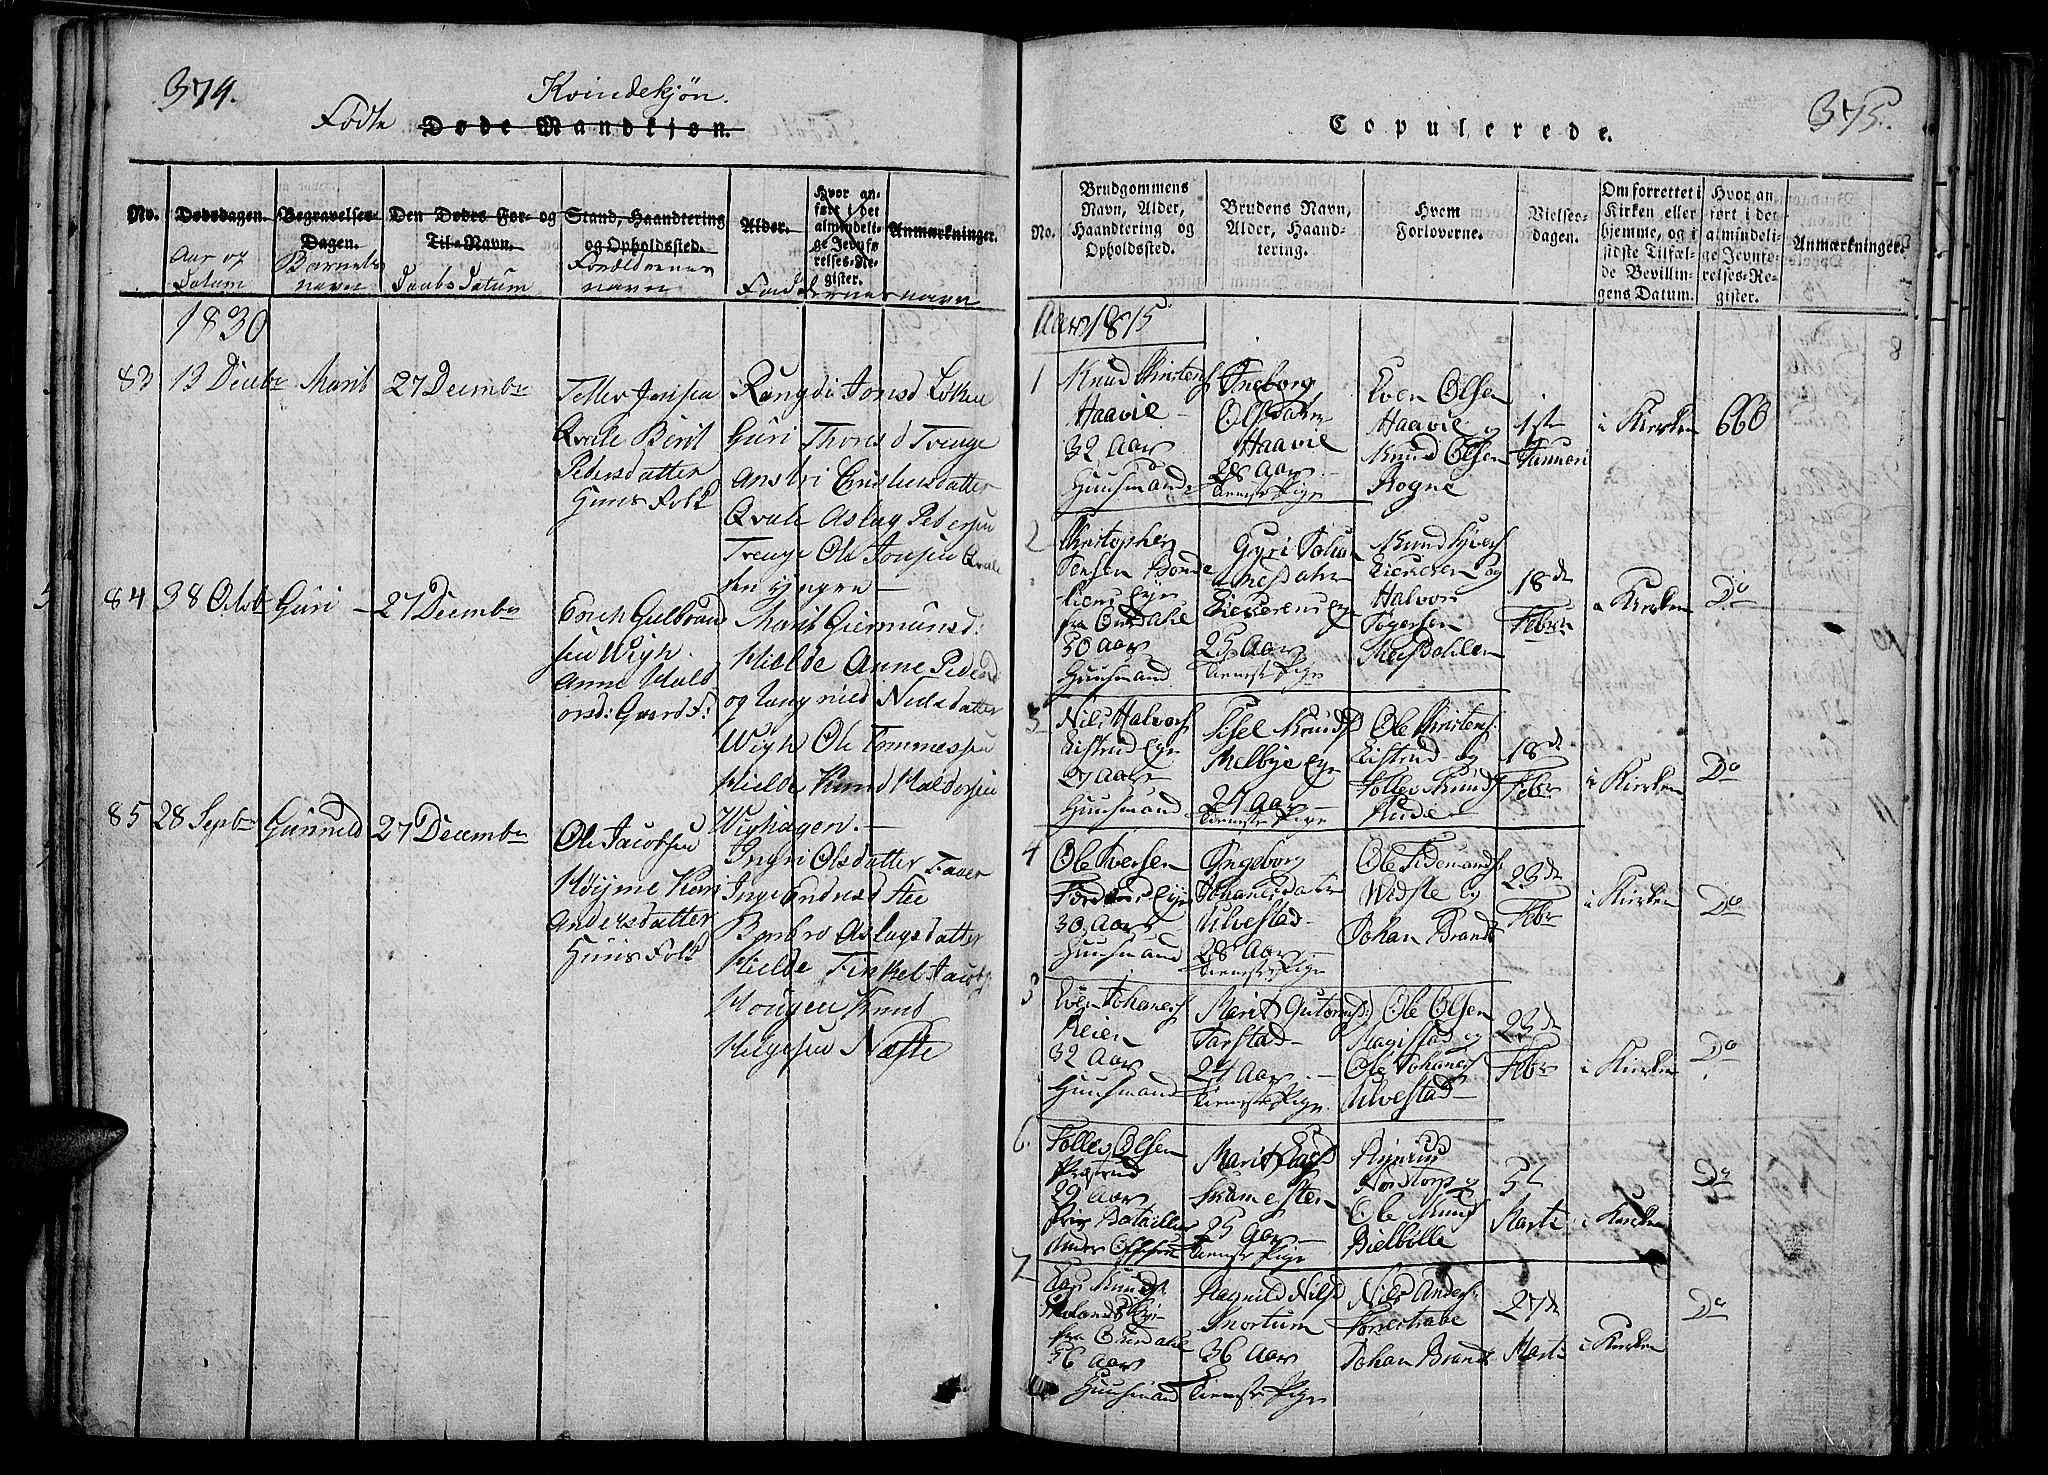 SAH, Slidre prestekontor, Ministerialbok nr. 2, 1814-1830, s. 374-375